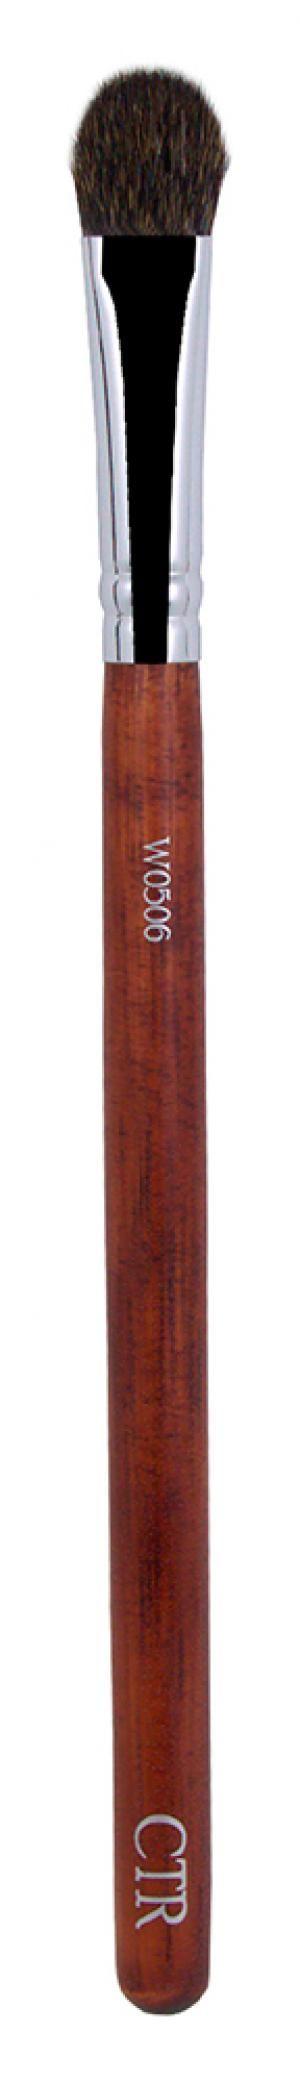 Кисть для тіней ворс білки W0506   - 00-00011576